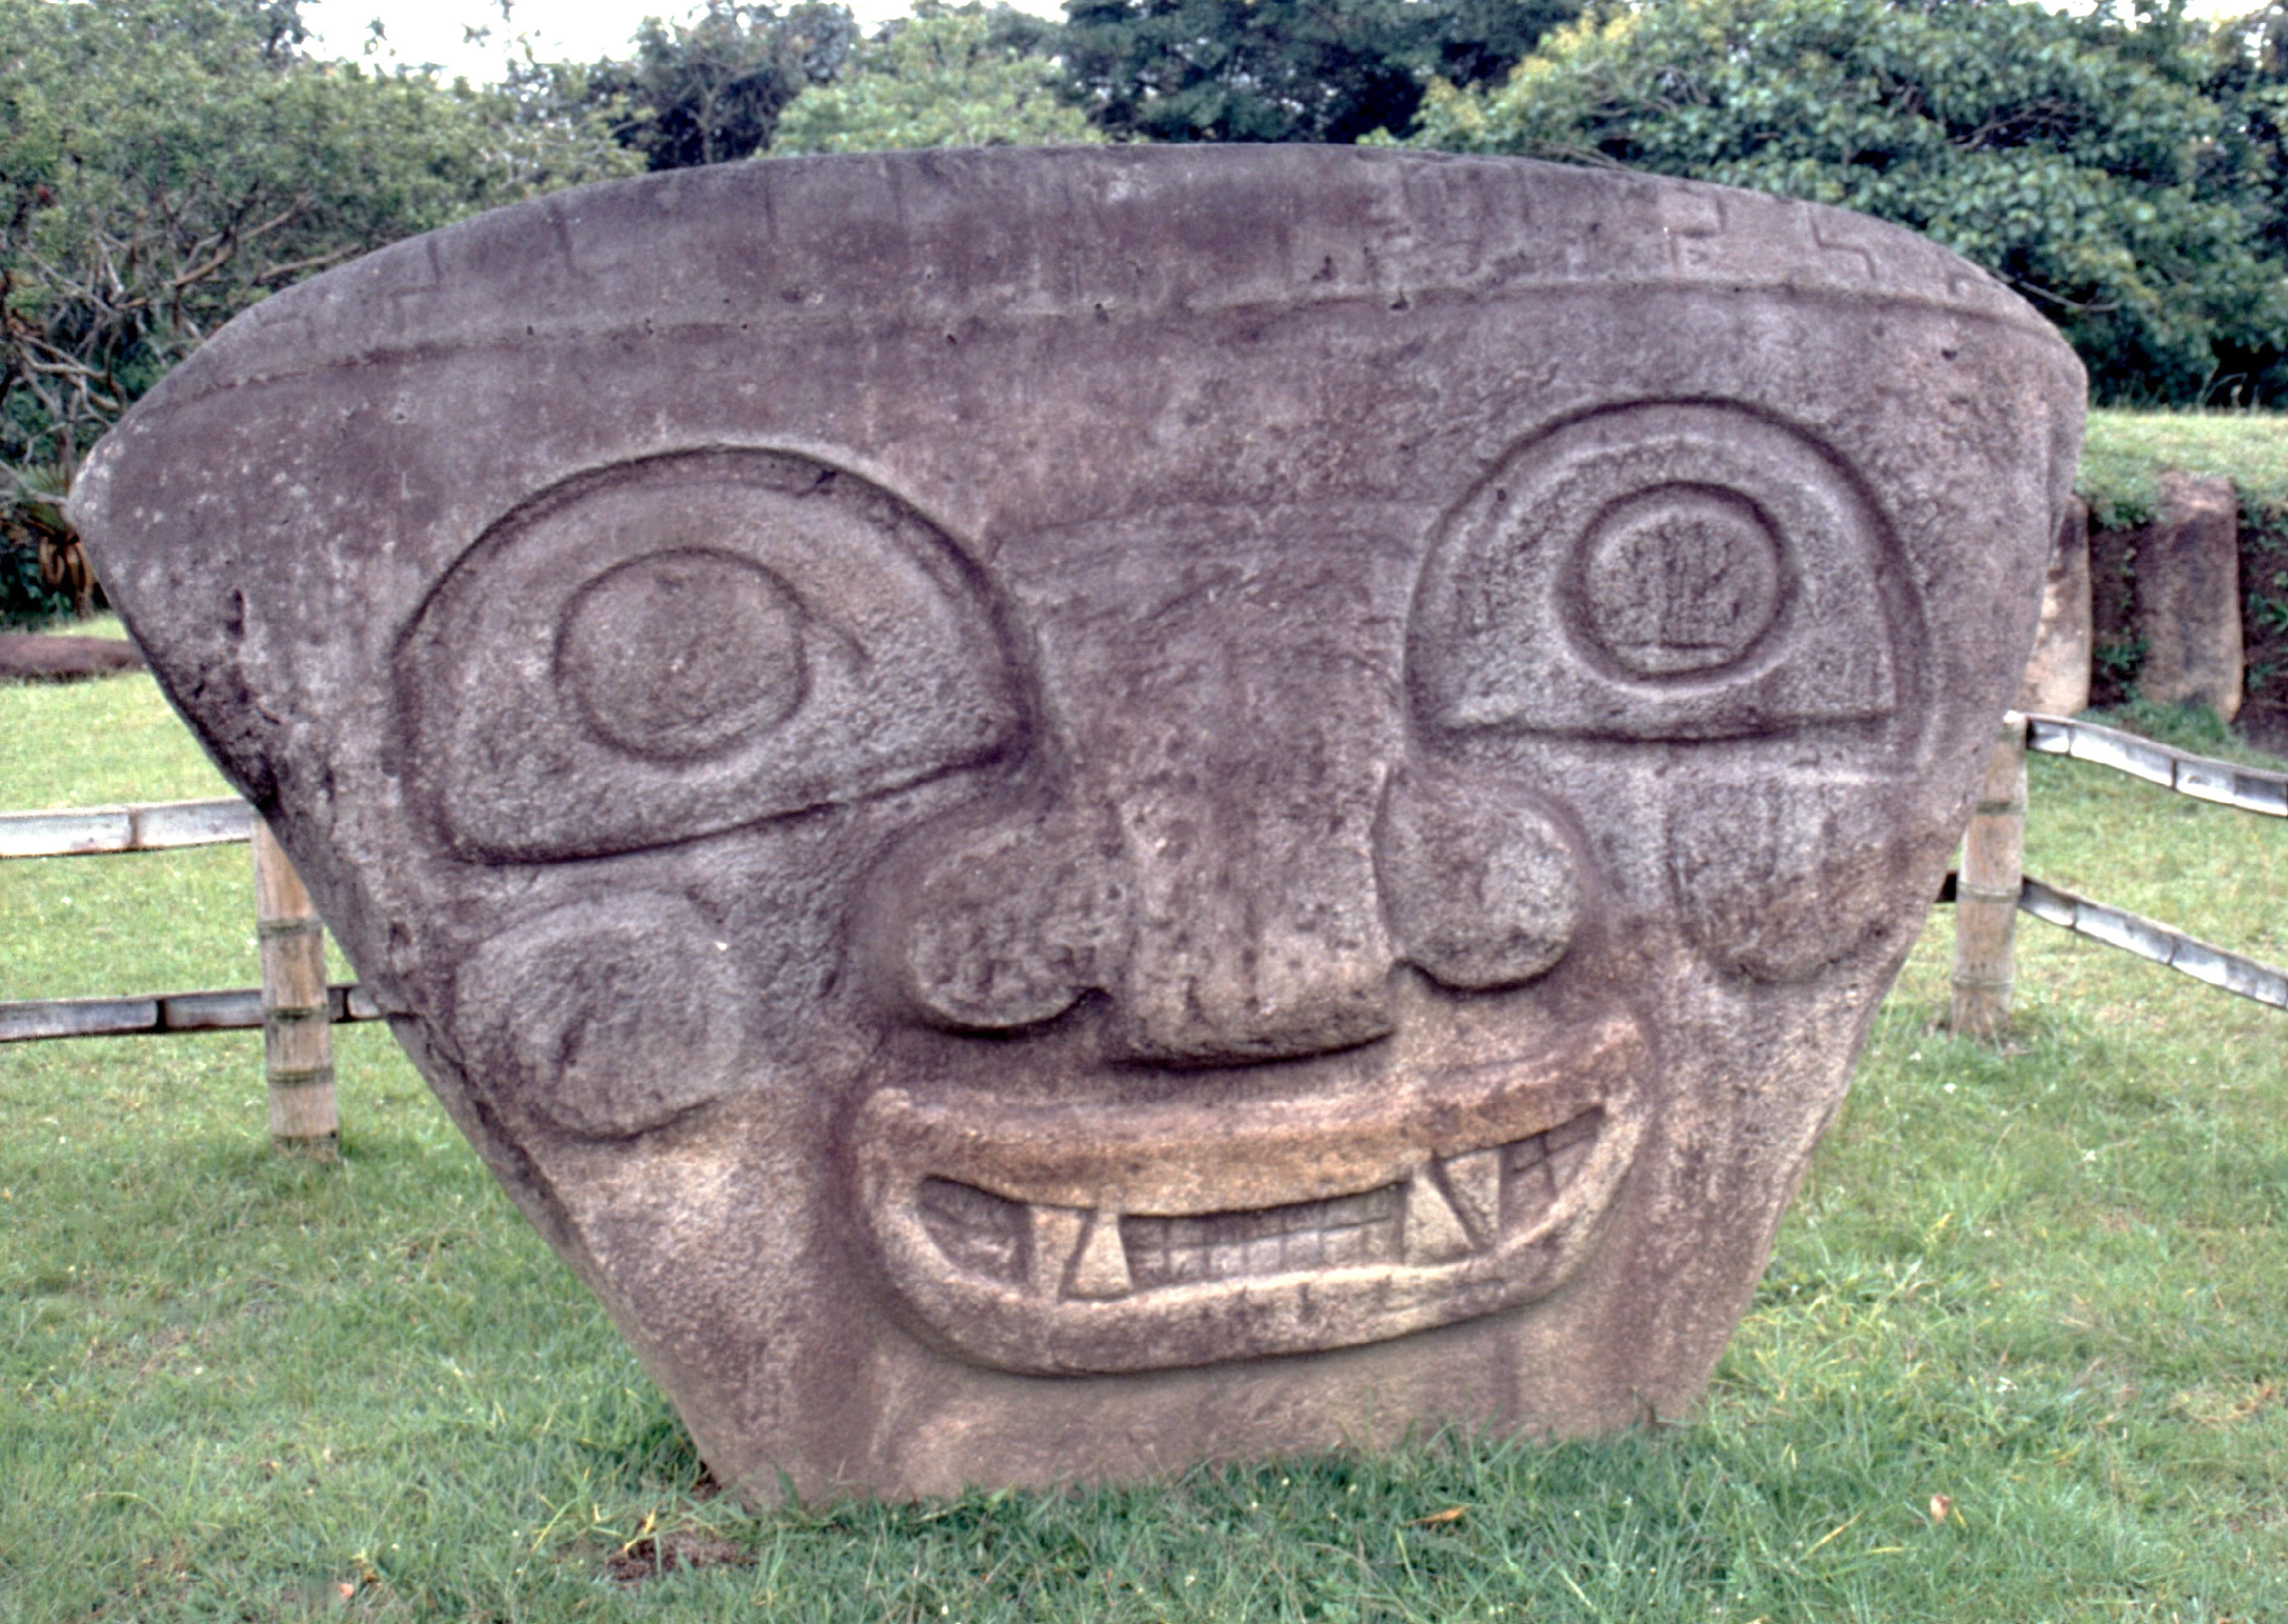 Les statues de pierre dressées avant les tombes étaient censées écarter les mauvais esprits et les pilleurs. Pas sûr que celle-ci ait réussi à faire peur à beaucoup de monde, tant ce monstre a l'air jovial...